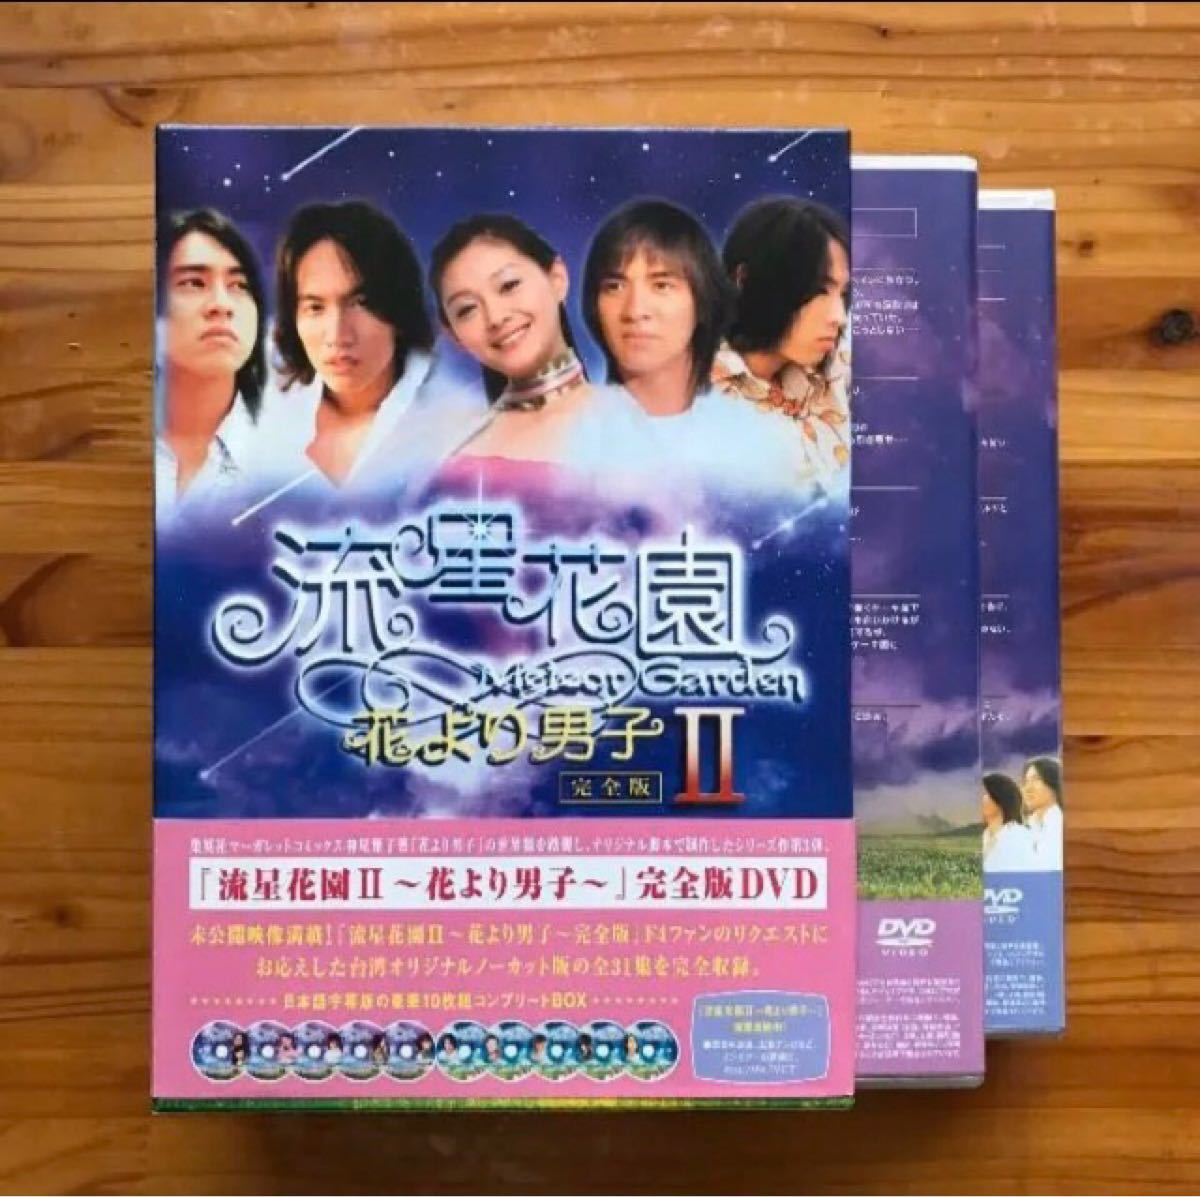 【華流】流星花園II ~花より男子~ 完全版 DVD-BOX 台湾ドラマ F4